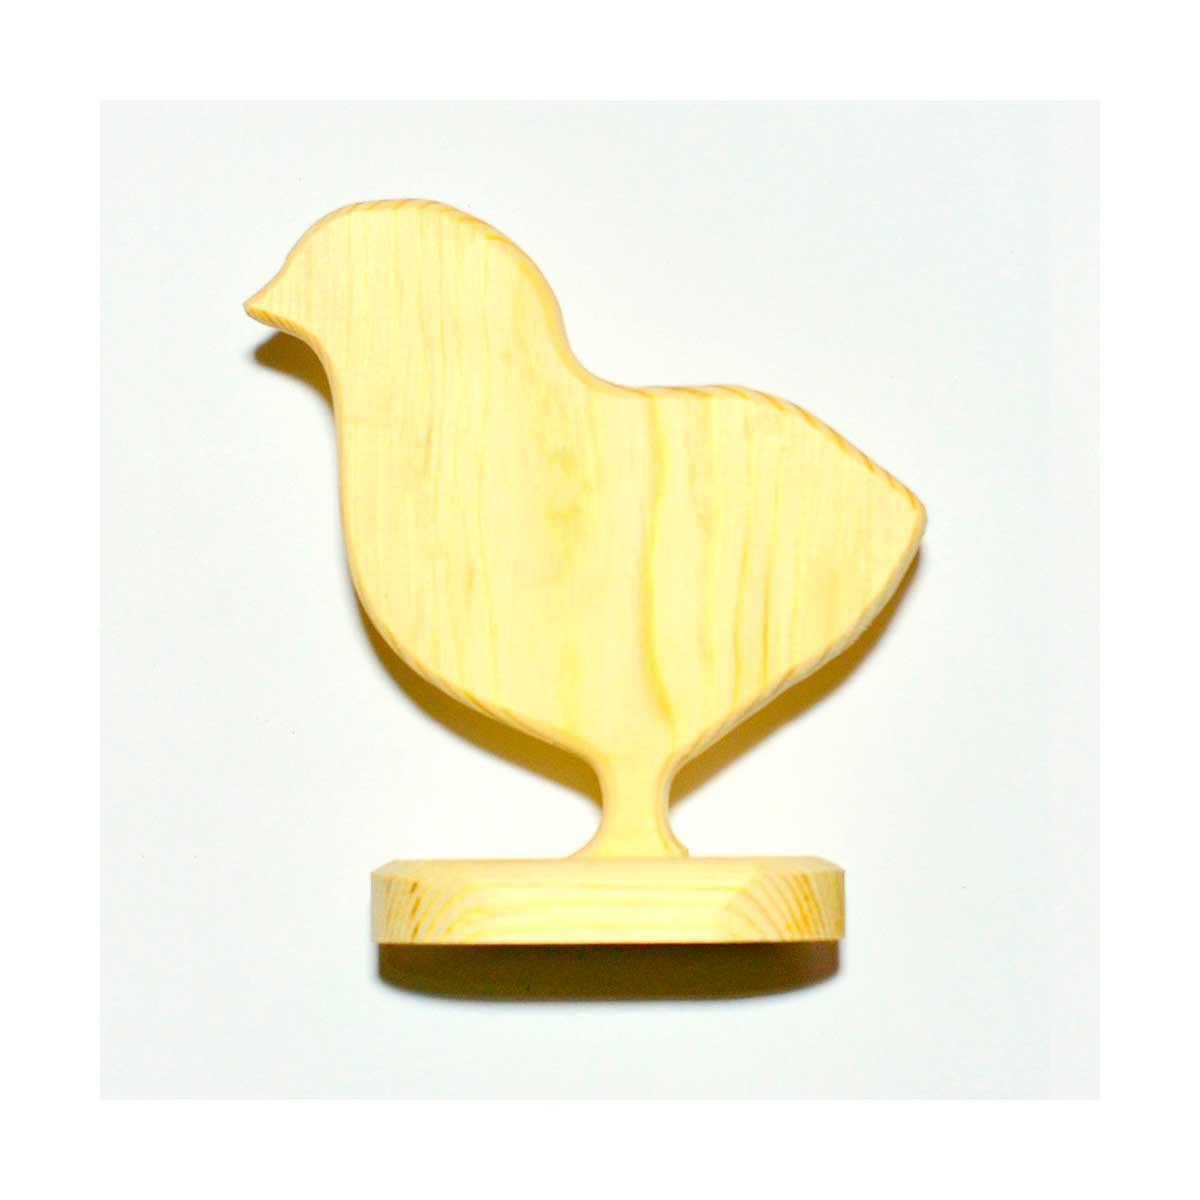 ПР-55 ПРОМЫСЕЛ Заготовка деревянная на подставке 'Цыпленок' 15х10 см